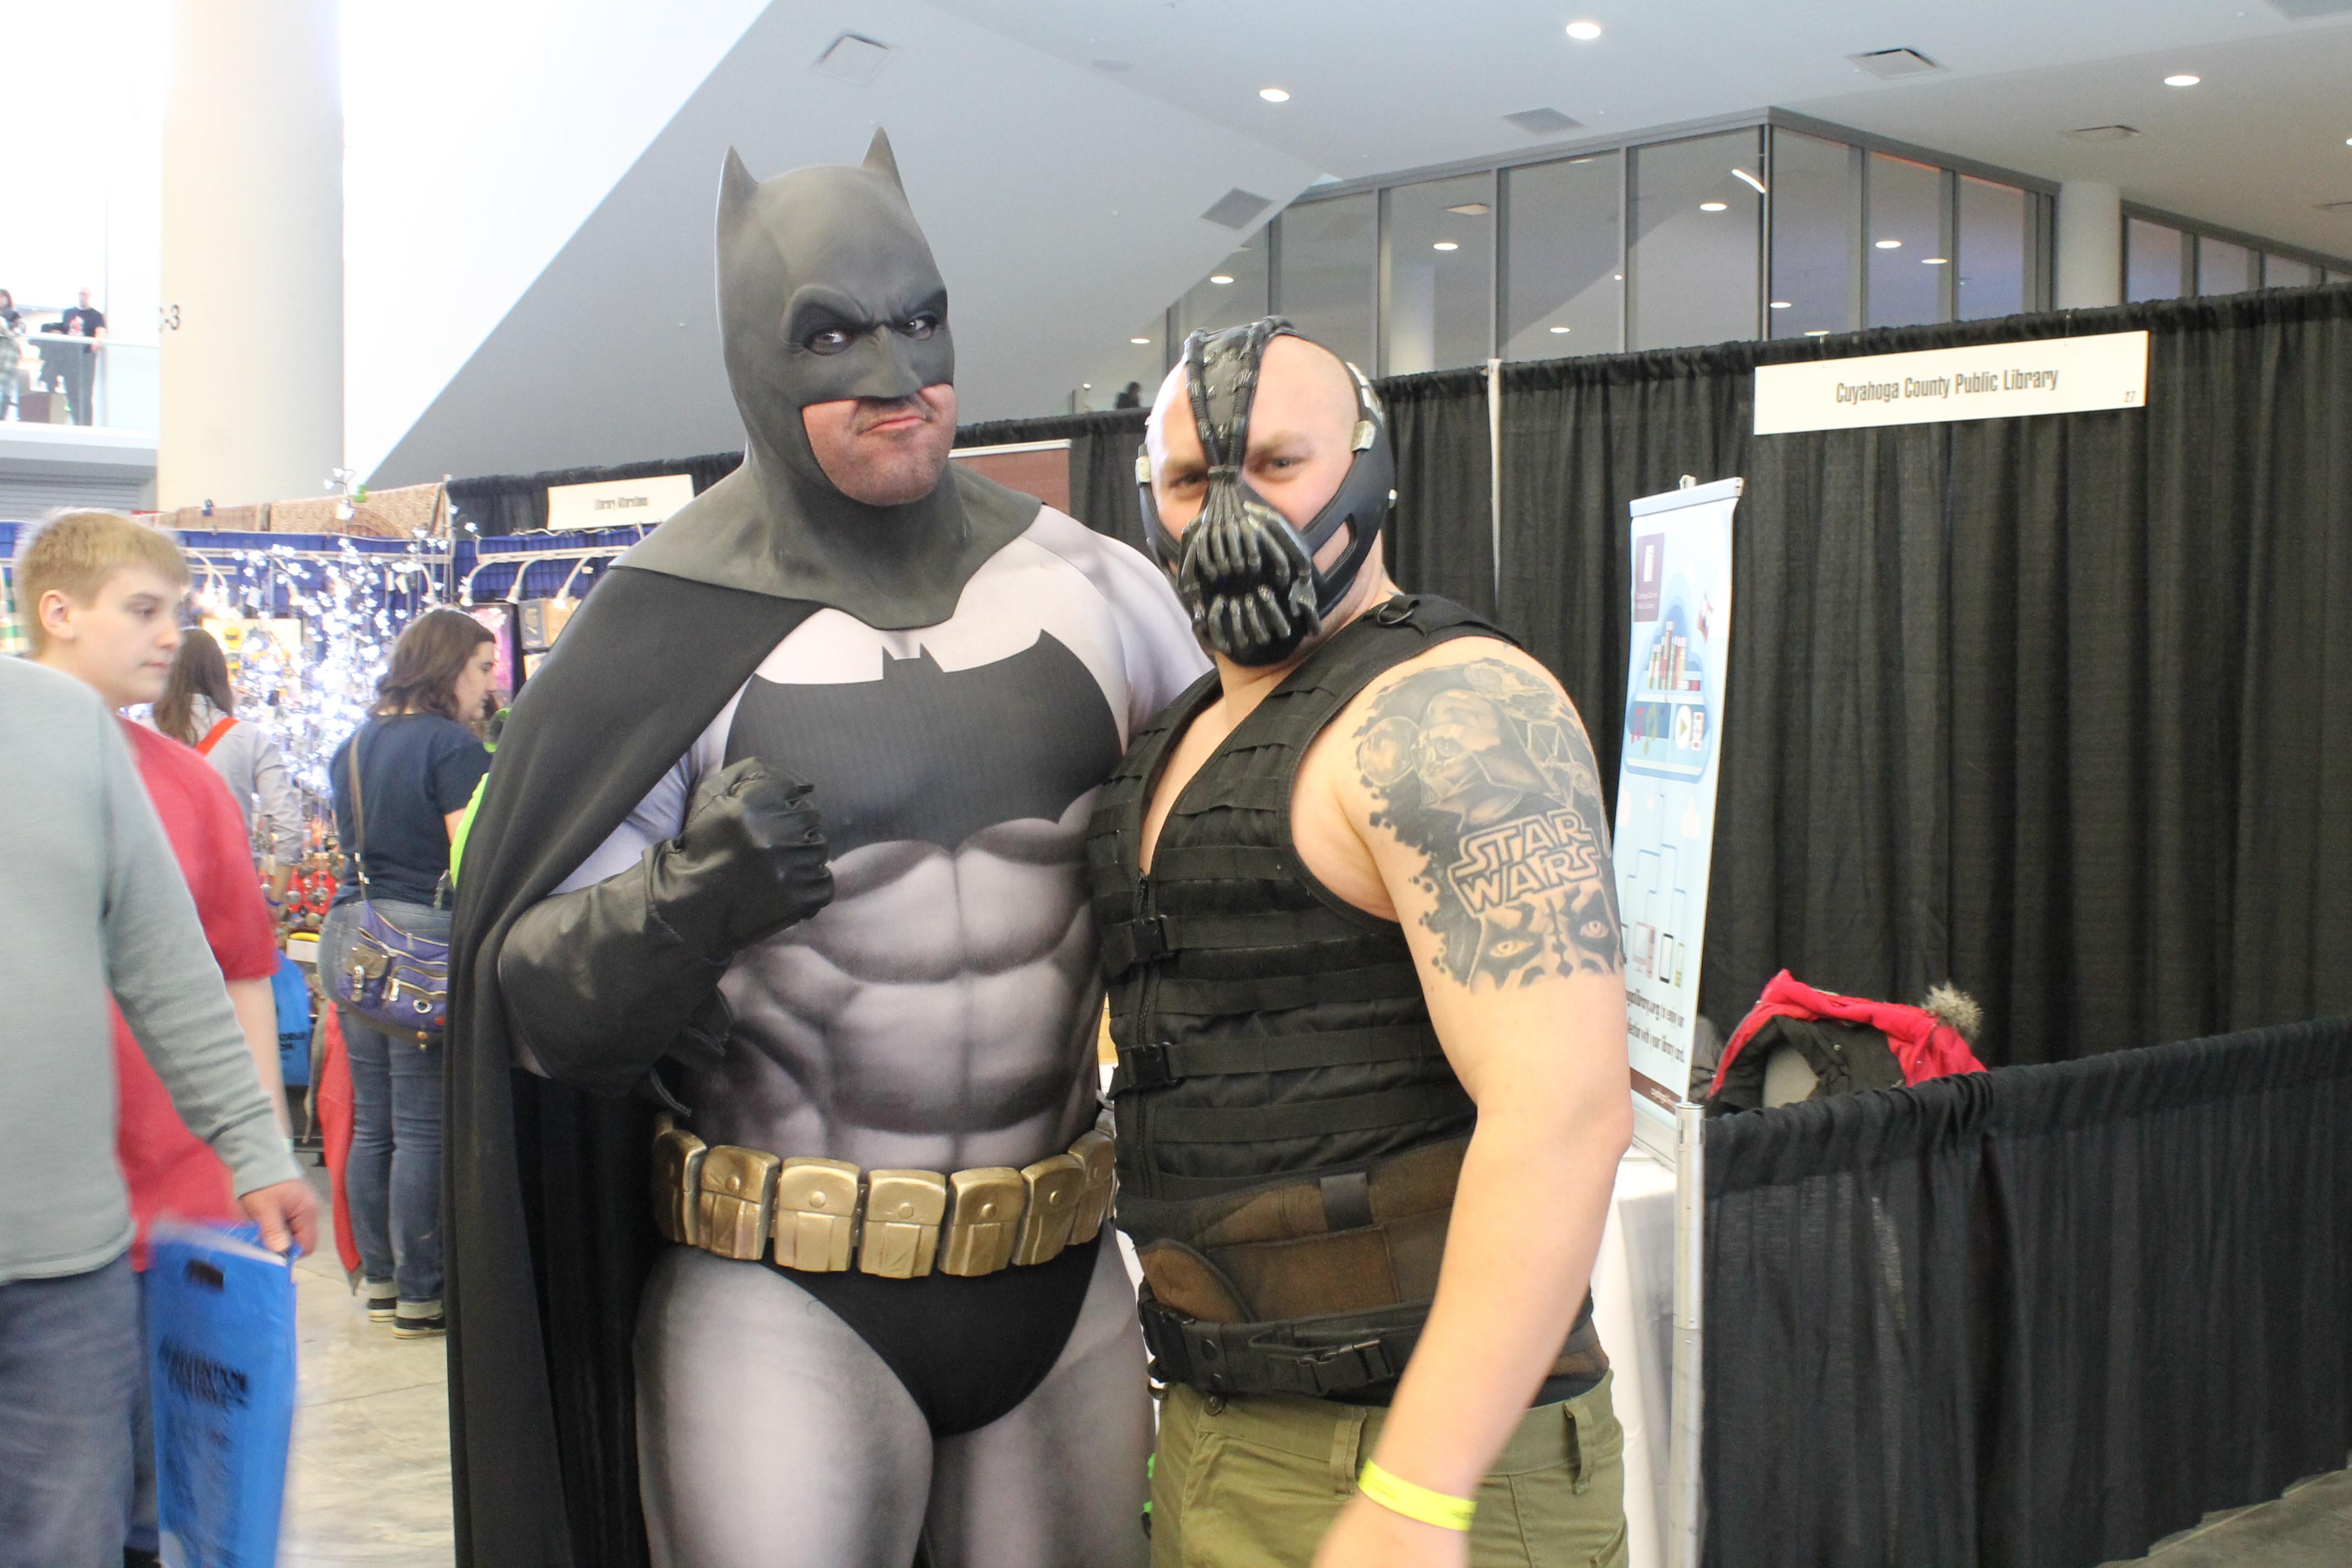 Snakepit's Batman with Bane